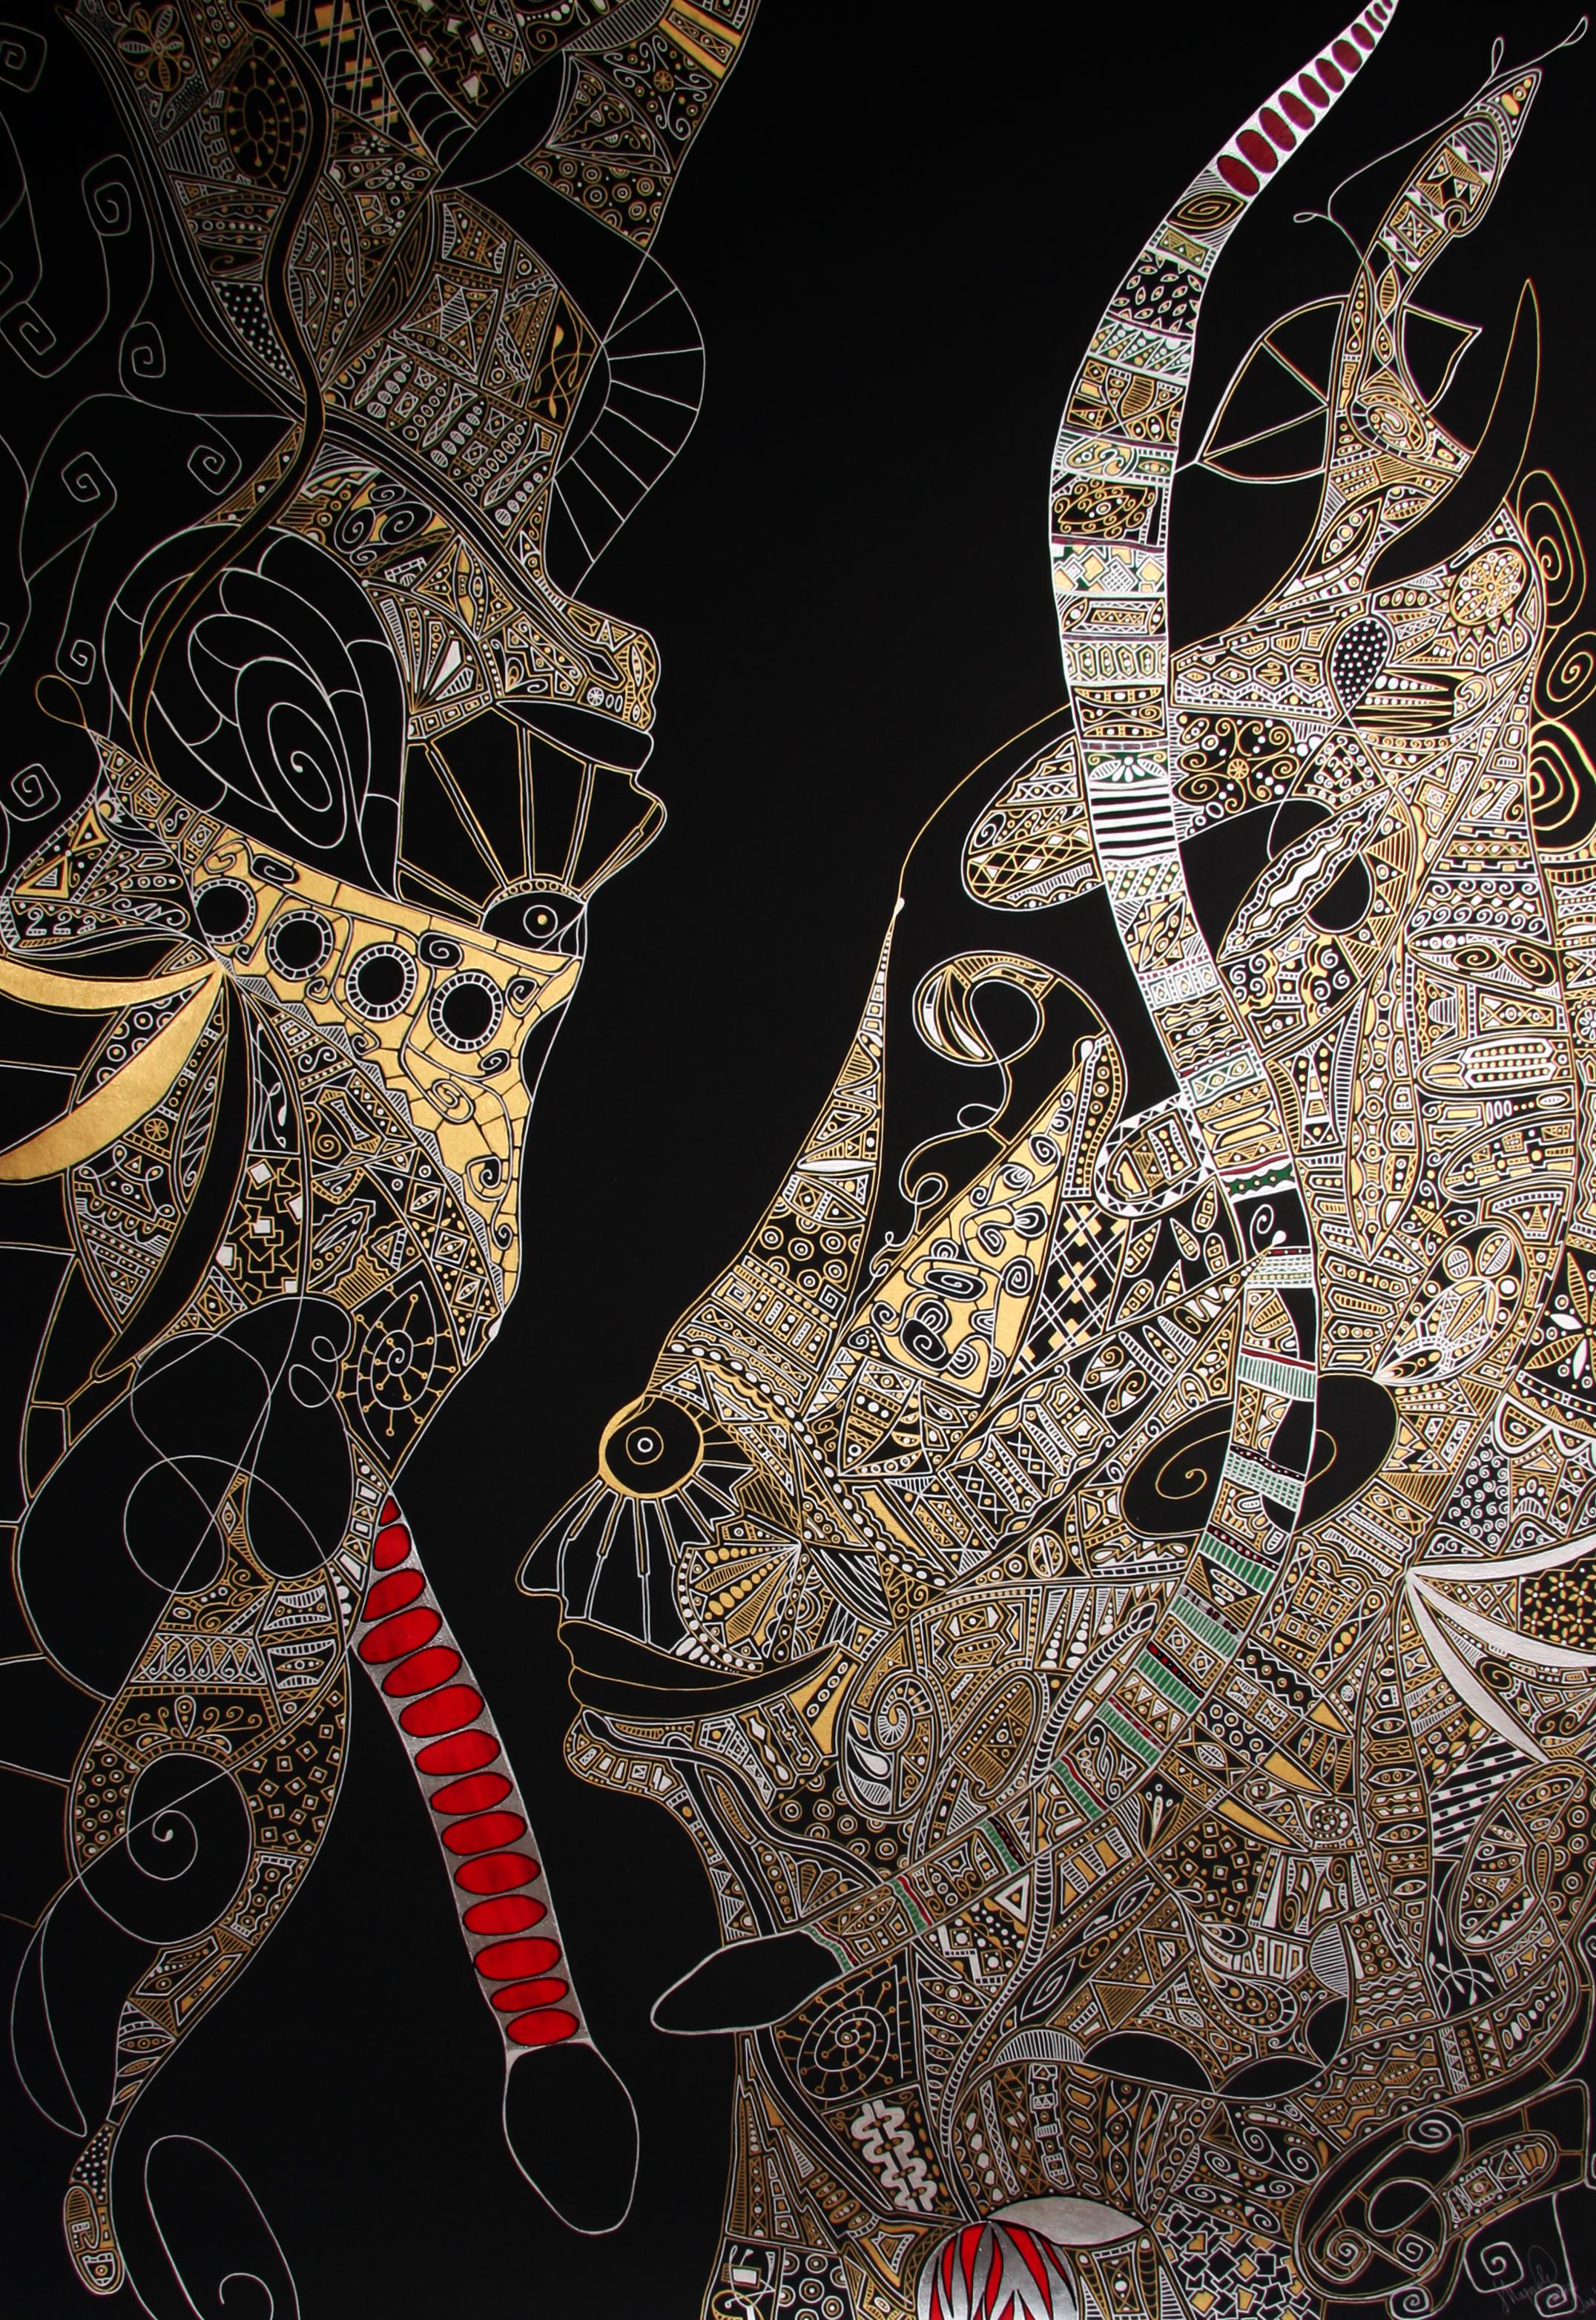 Schlange, Ziege und ihre königliche Hoheit Jelena Markovic